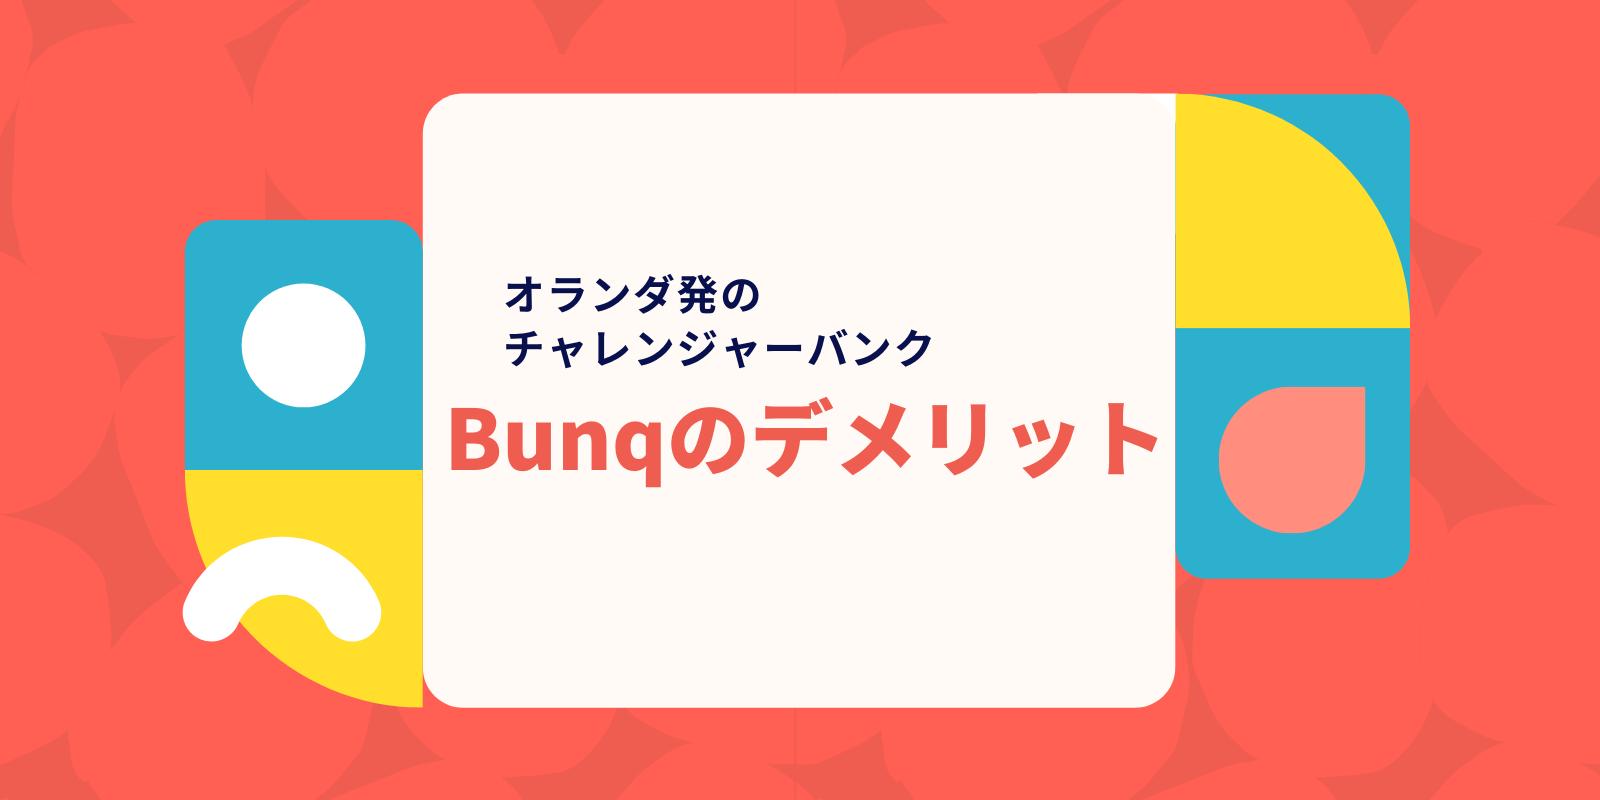 Bunq デメリット